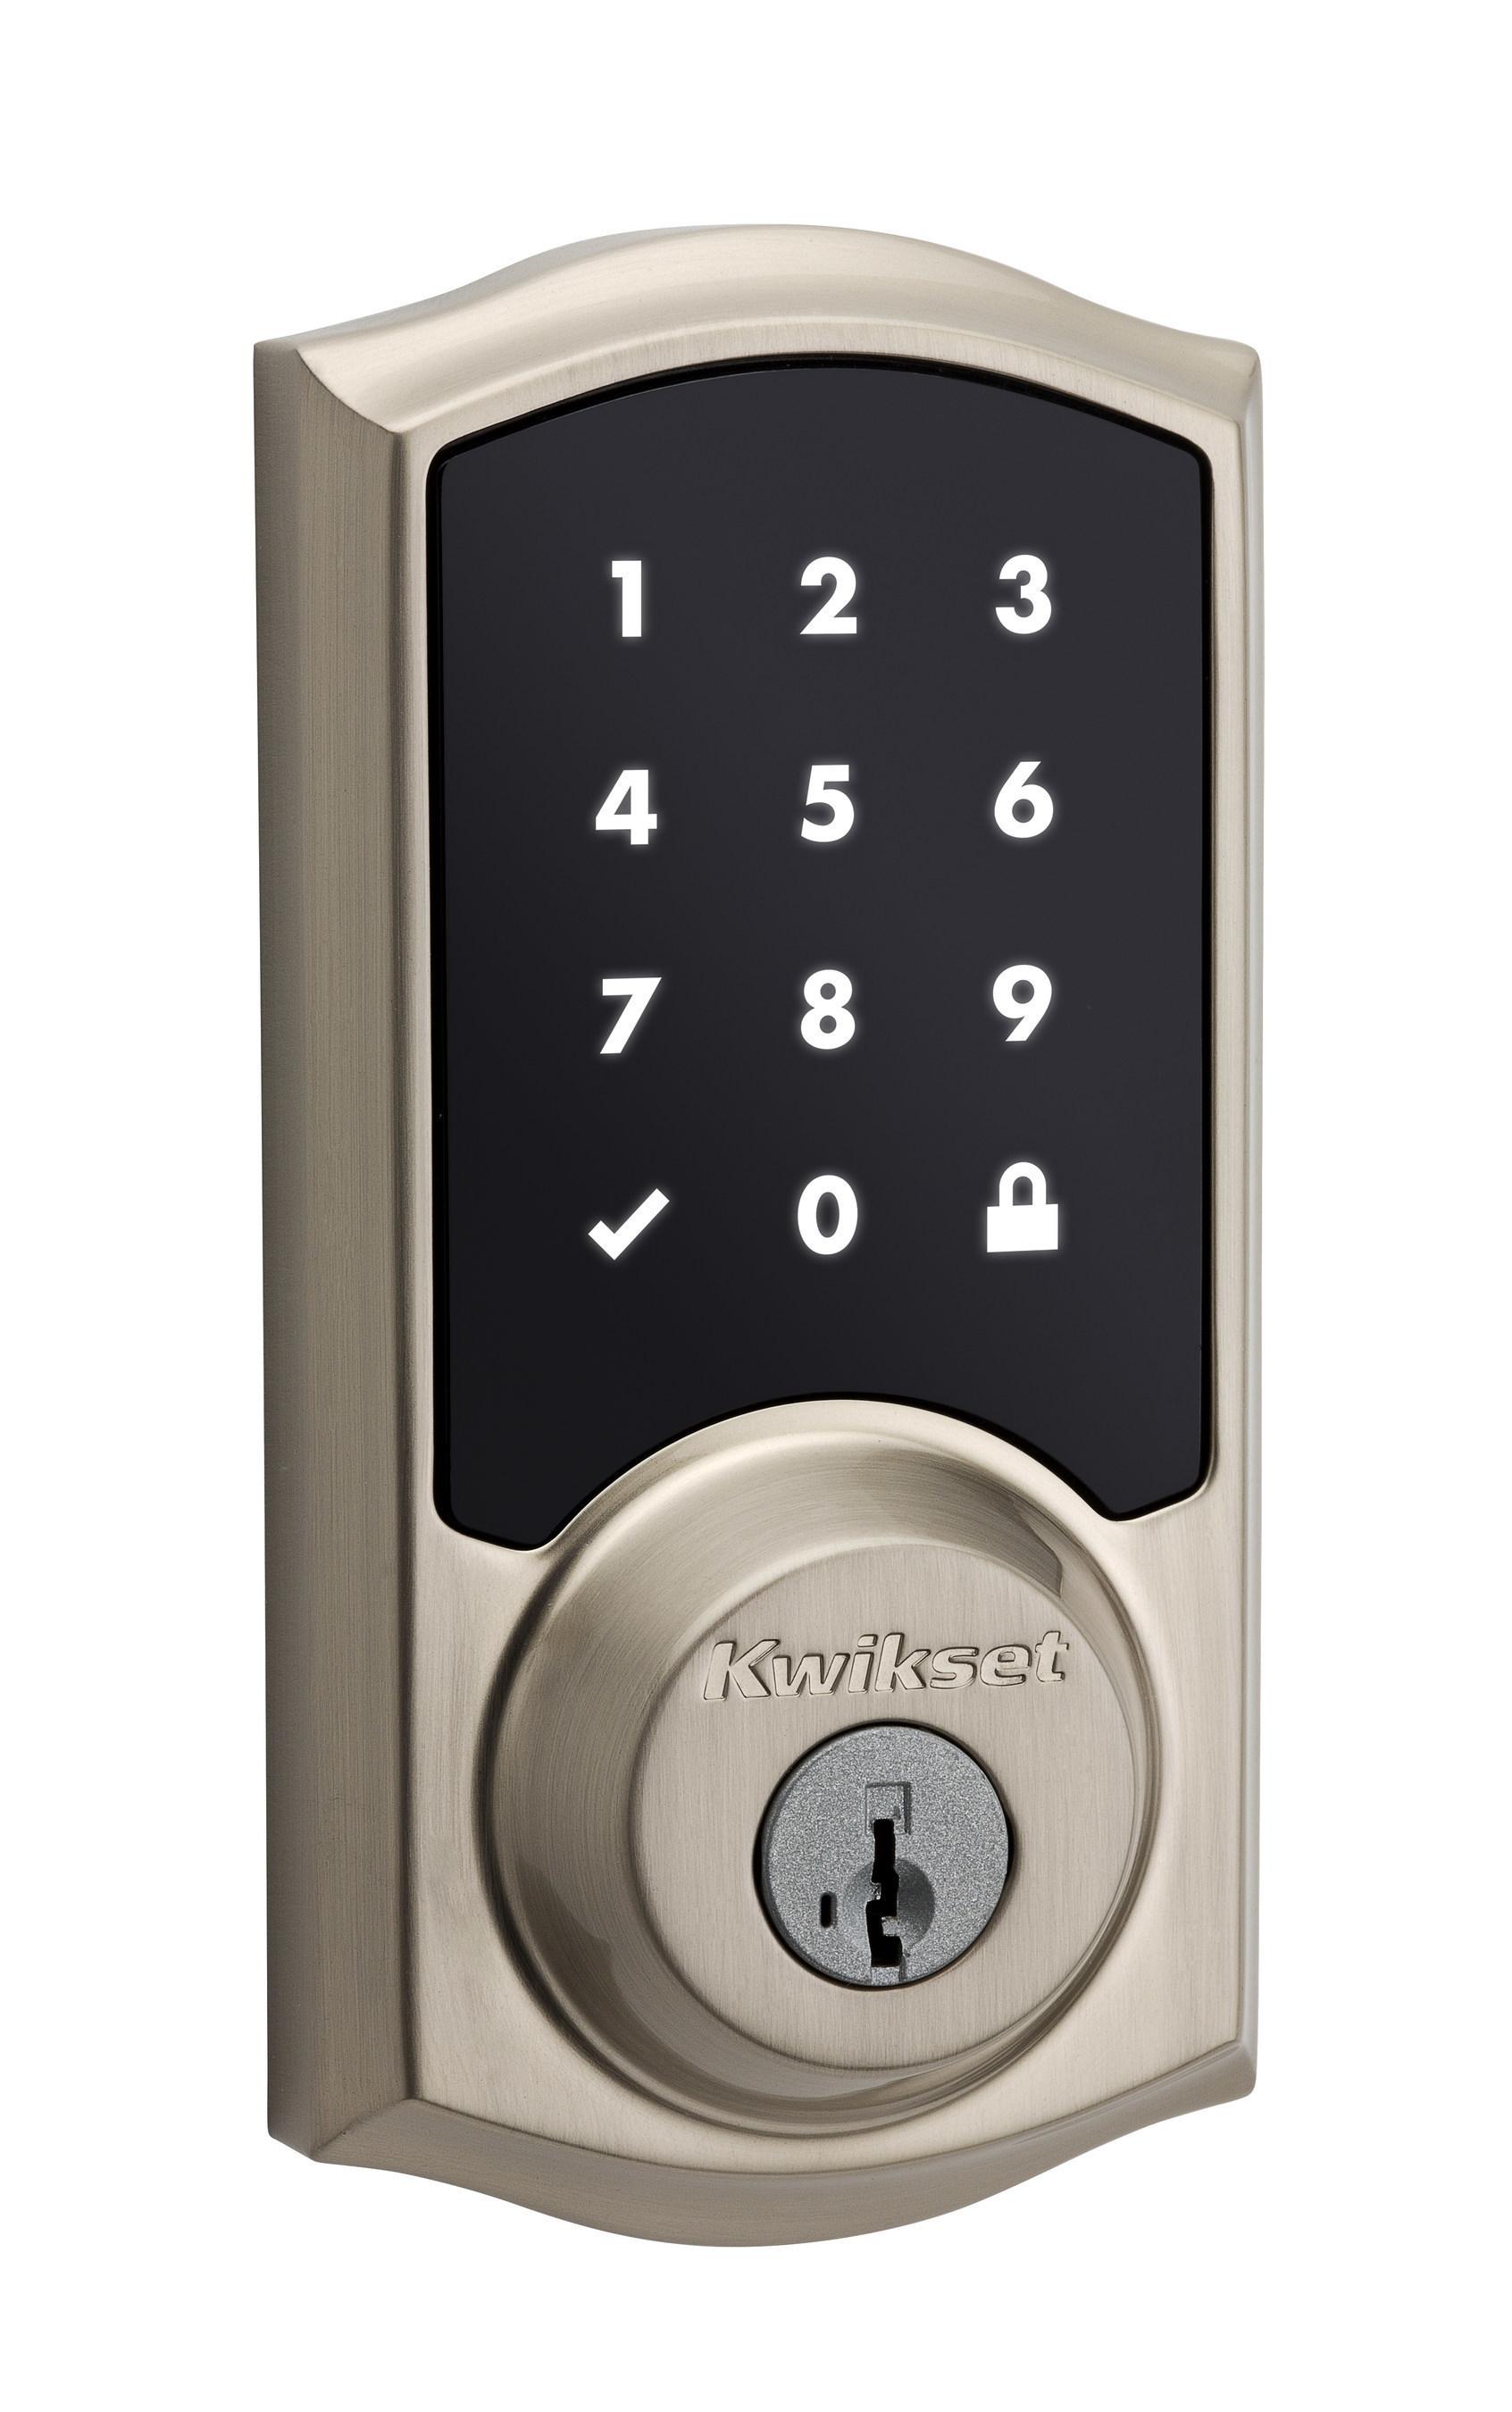 Kwikset(R) announces Premis, its first Apple HomeKit(TM)-compatible smart door lock.